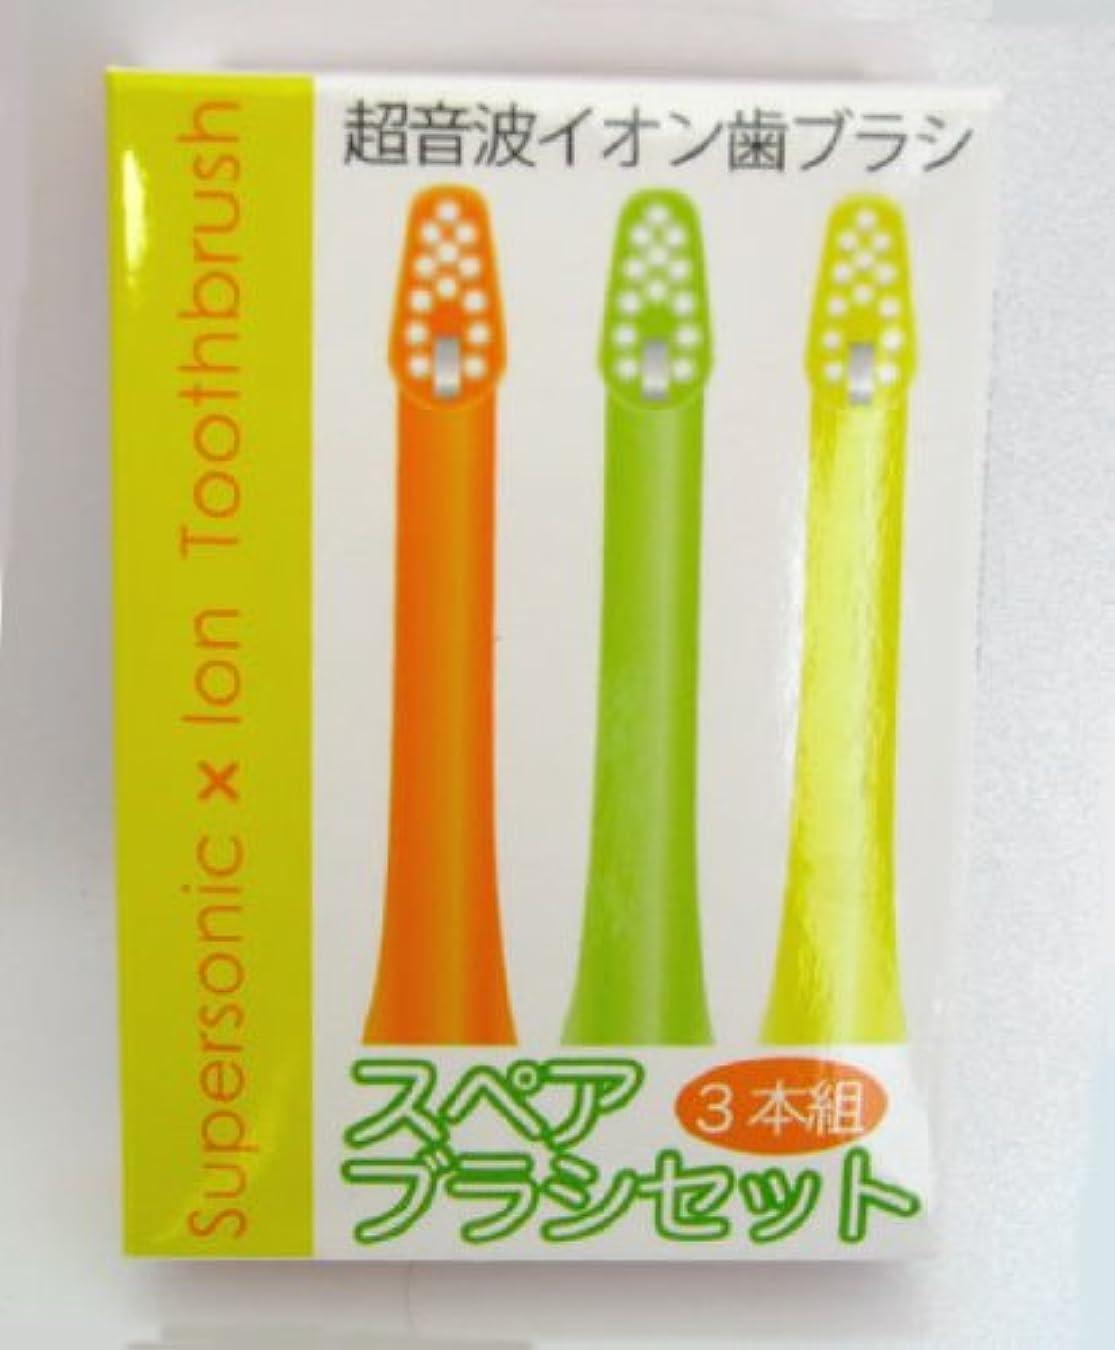 汚れる講師風変わりな超音波イオン歯ブラシ専用スペアブラシ3本セット(交換用ブラシ)